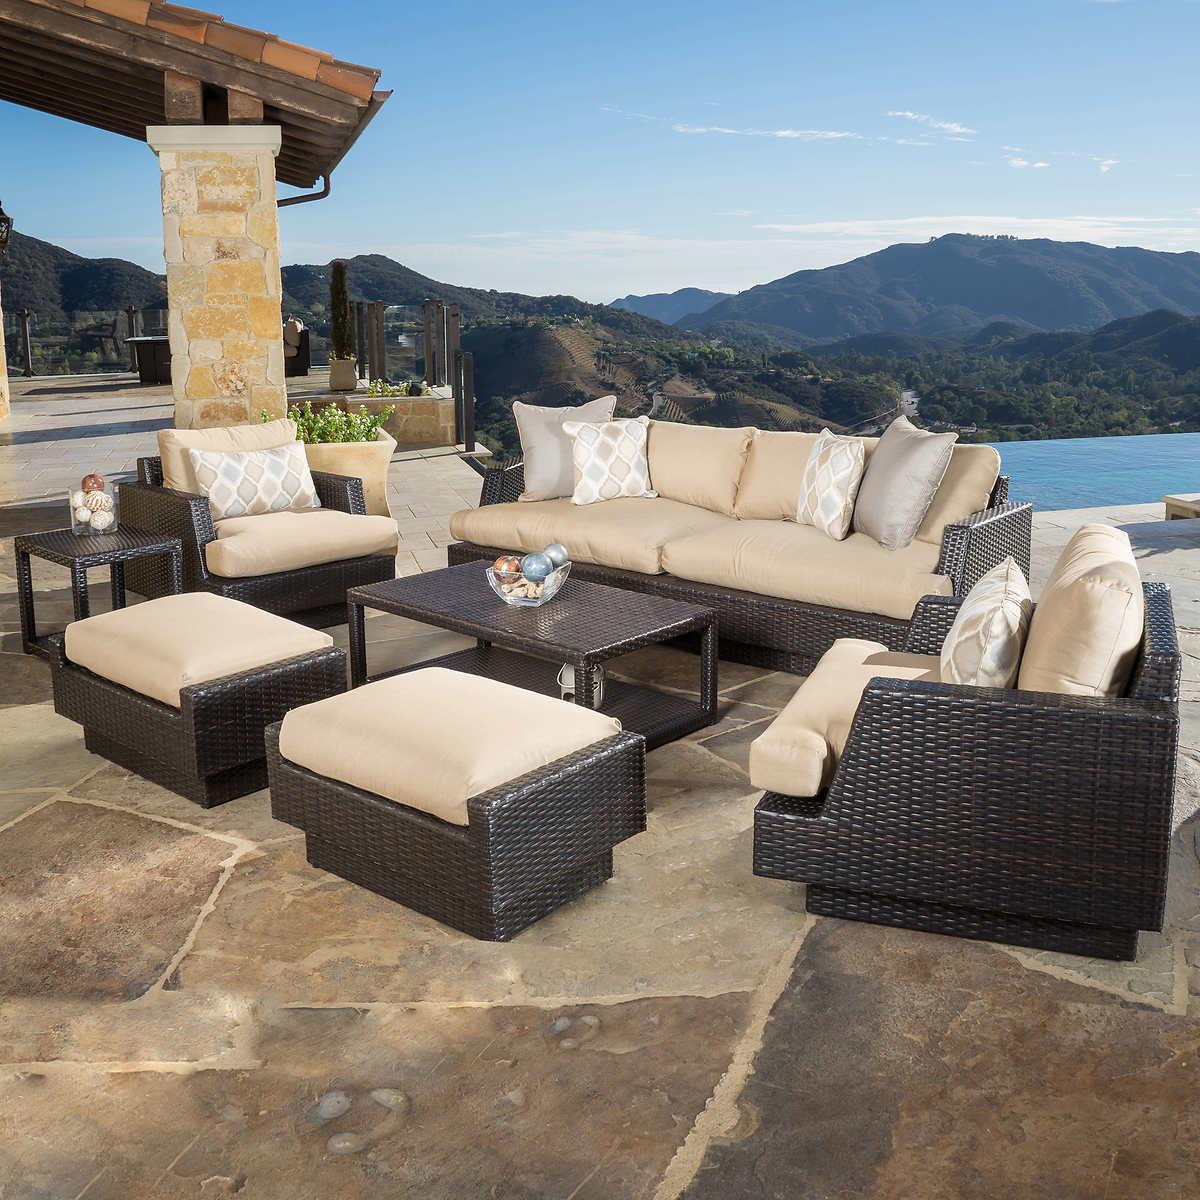 Portofino Comfort 7-piece Seating Set in Espresso - Portofino Costco